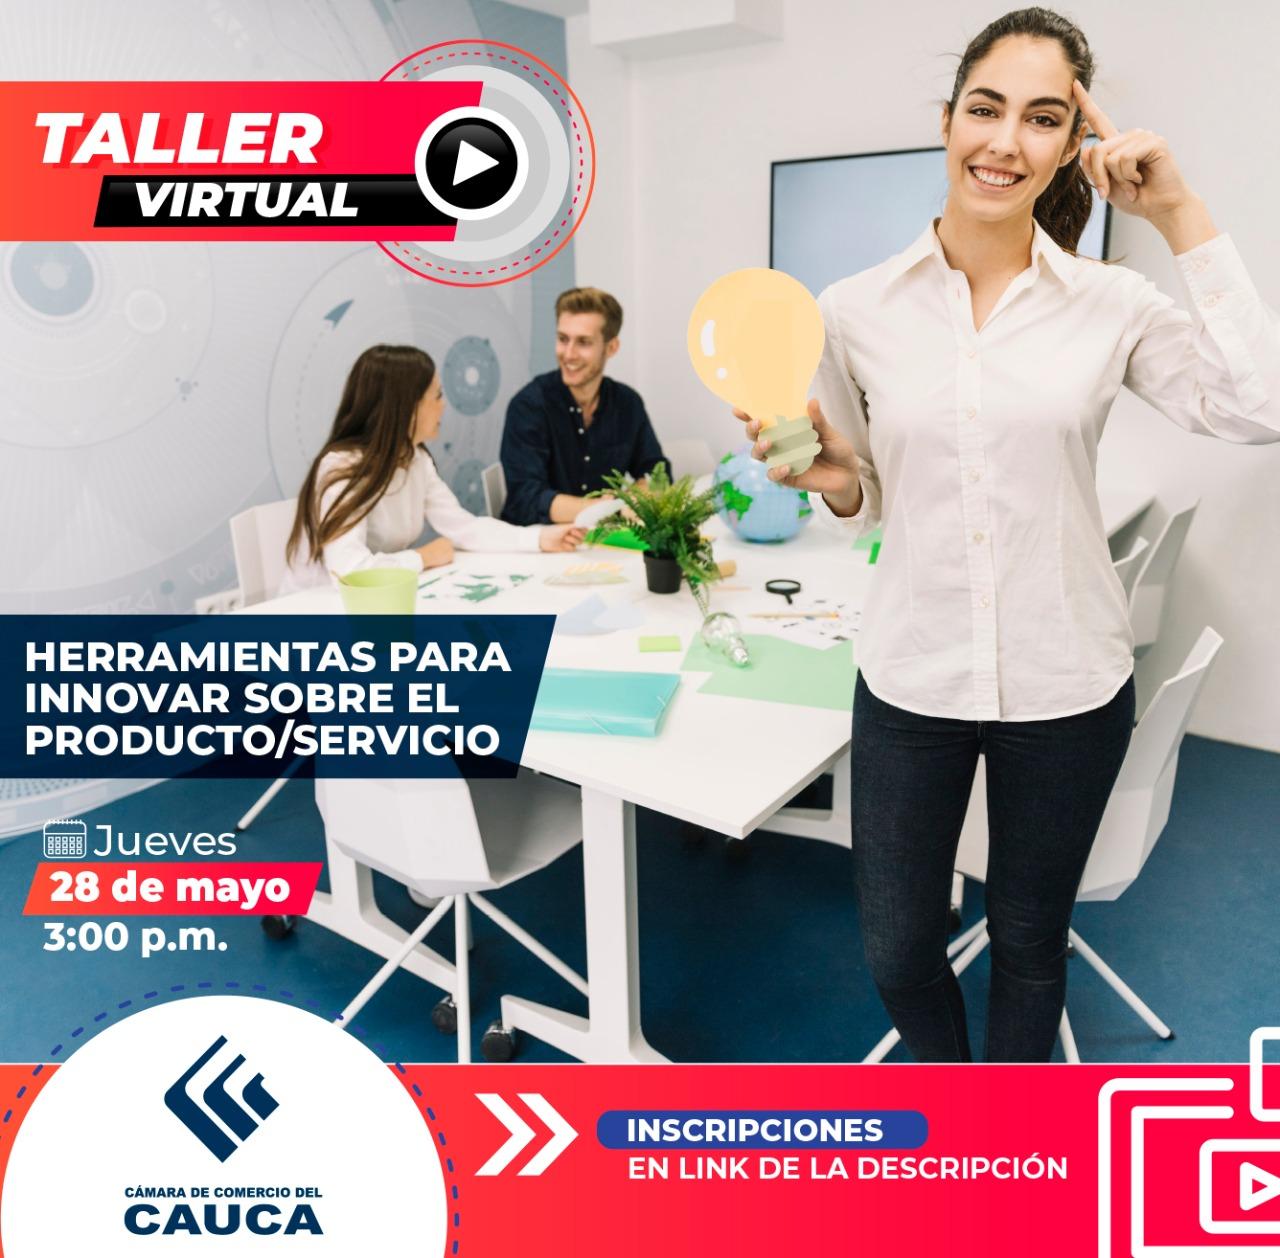 TALLER: Herramientas para innovar sobre elproducto/servicio